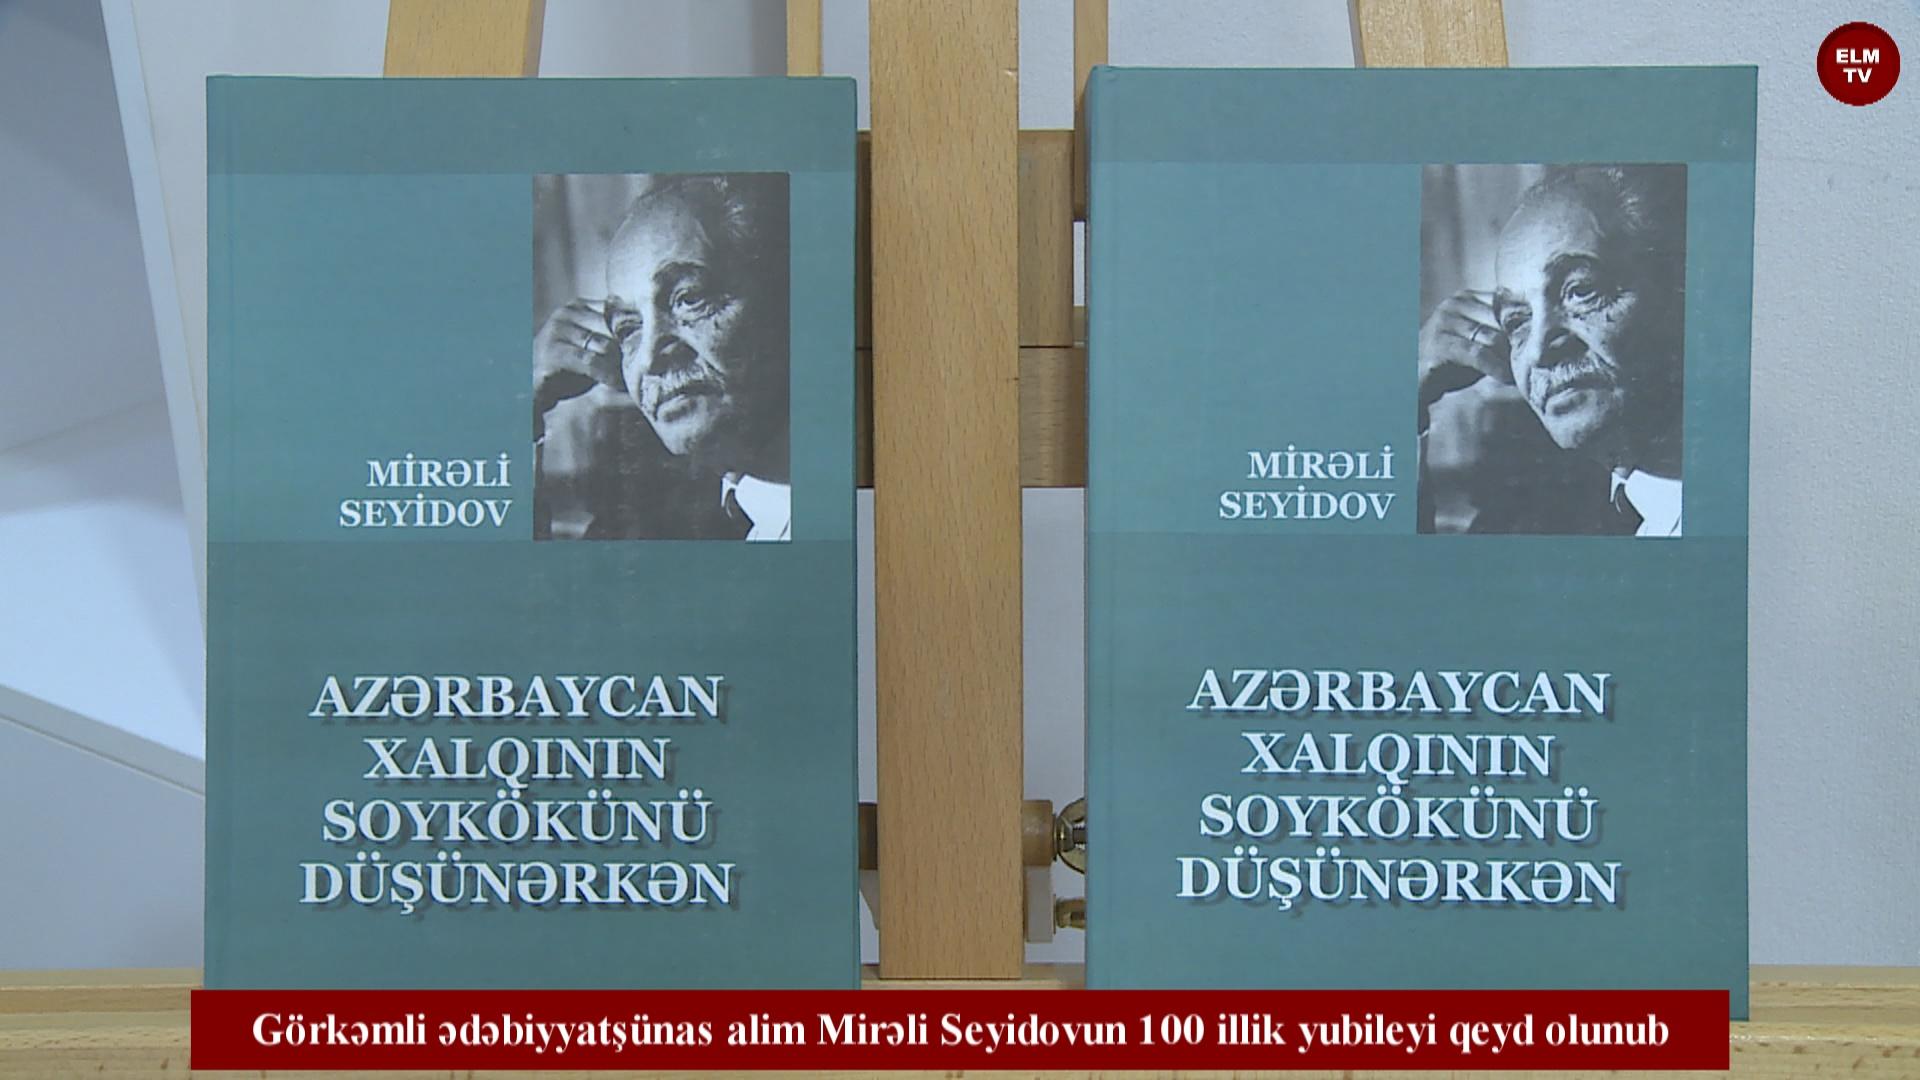 Görkəmli ədəbiyyatşünas alim Mirəli Seyidovun 100 illik yubileyi qeyd olunub